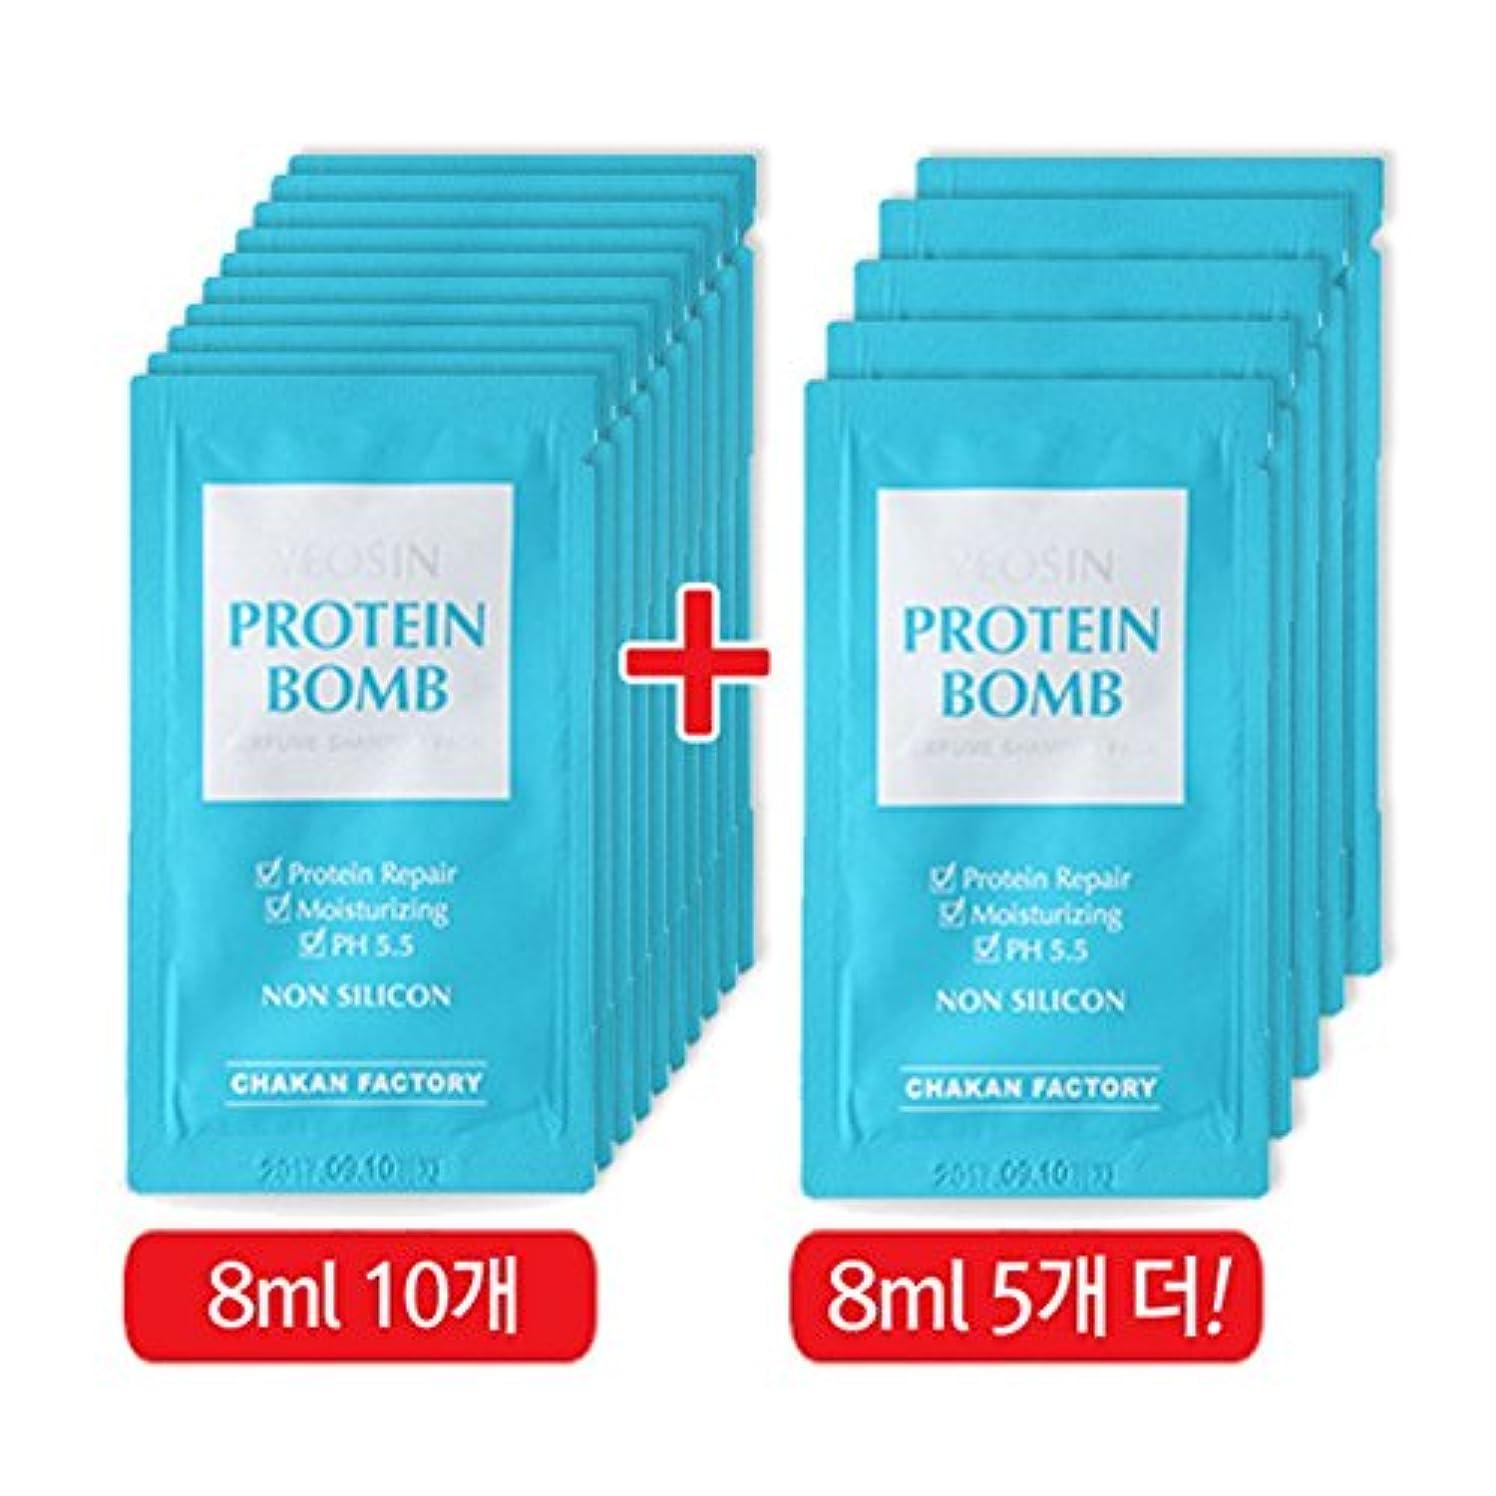 蚊でもに頼る【優しいファクトリー/CHAKAN FACTORY]YEOSIN Protein BOMB Shampoo Parfum Pack8ml x10 Pack Add8ml x5 gift!タンパク質爆弾パフュームシャンプーパック...